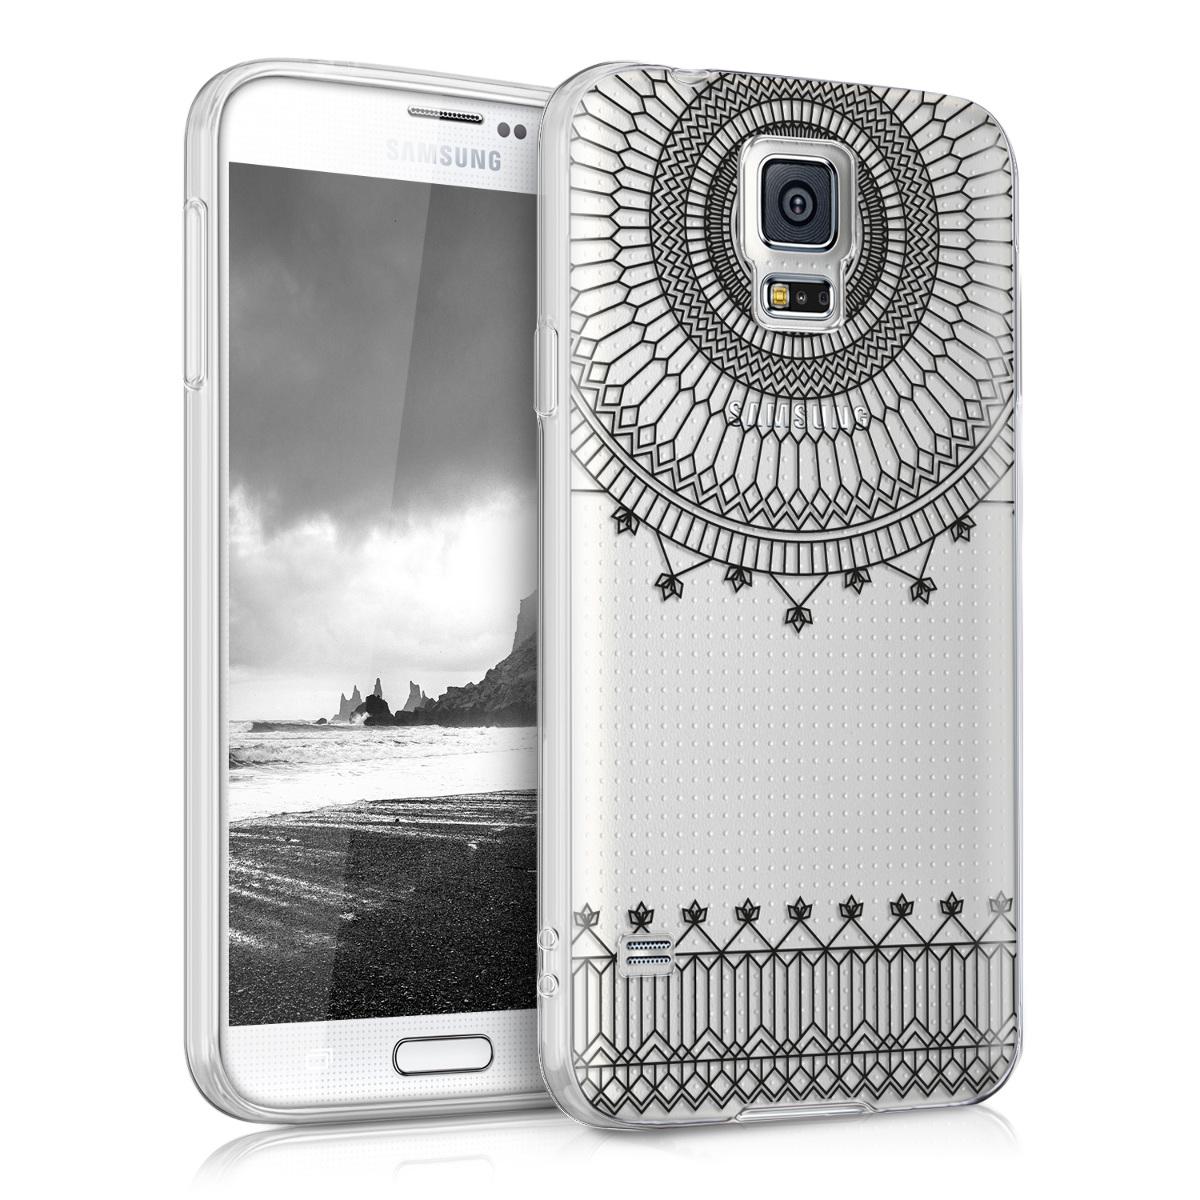 Kvalitní silikonové TPU pouzdro pro Samsung S5 | S5 Neo - Katedrála černé / transparentní